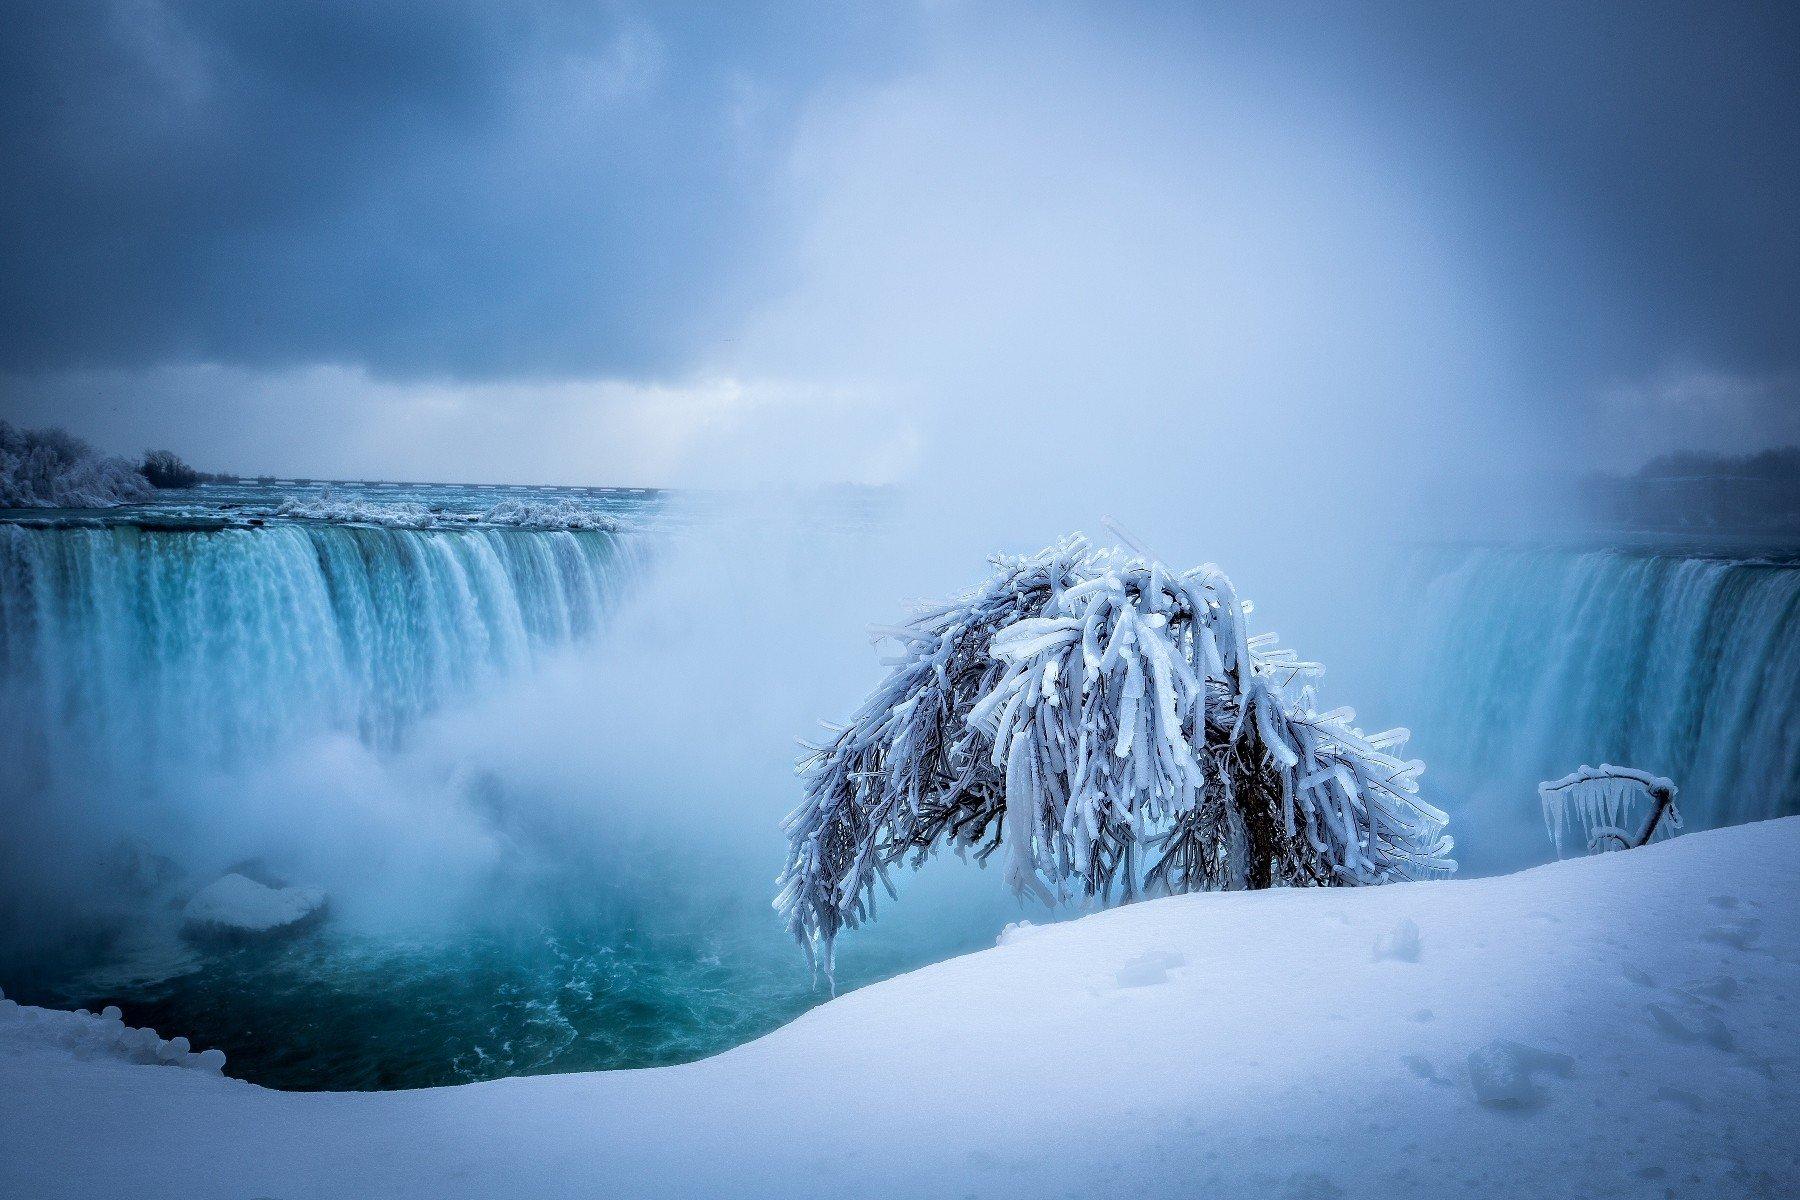 Wallpaper 1800x1200 Px Ice Niagara Falls Waterfall